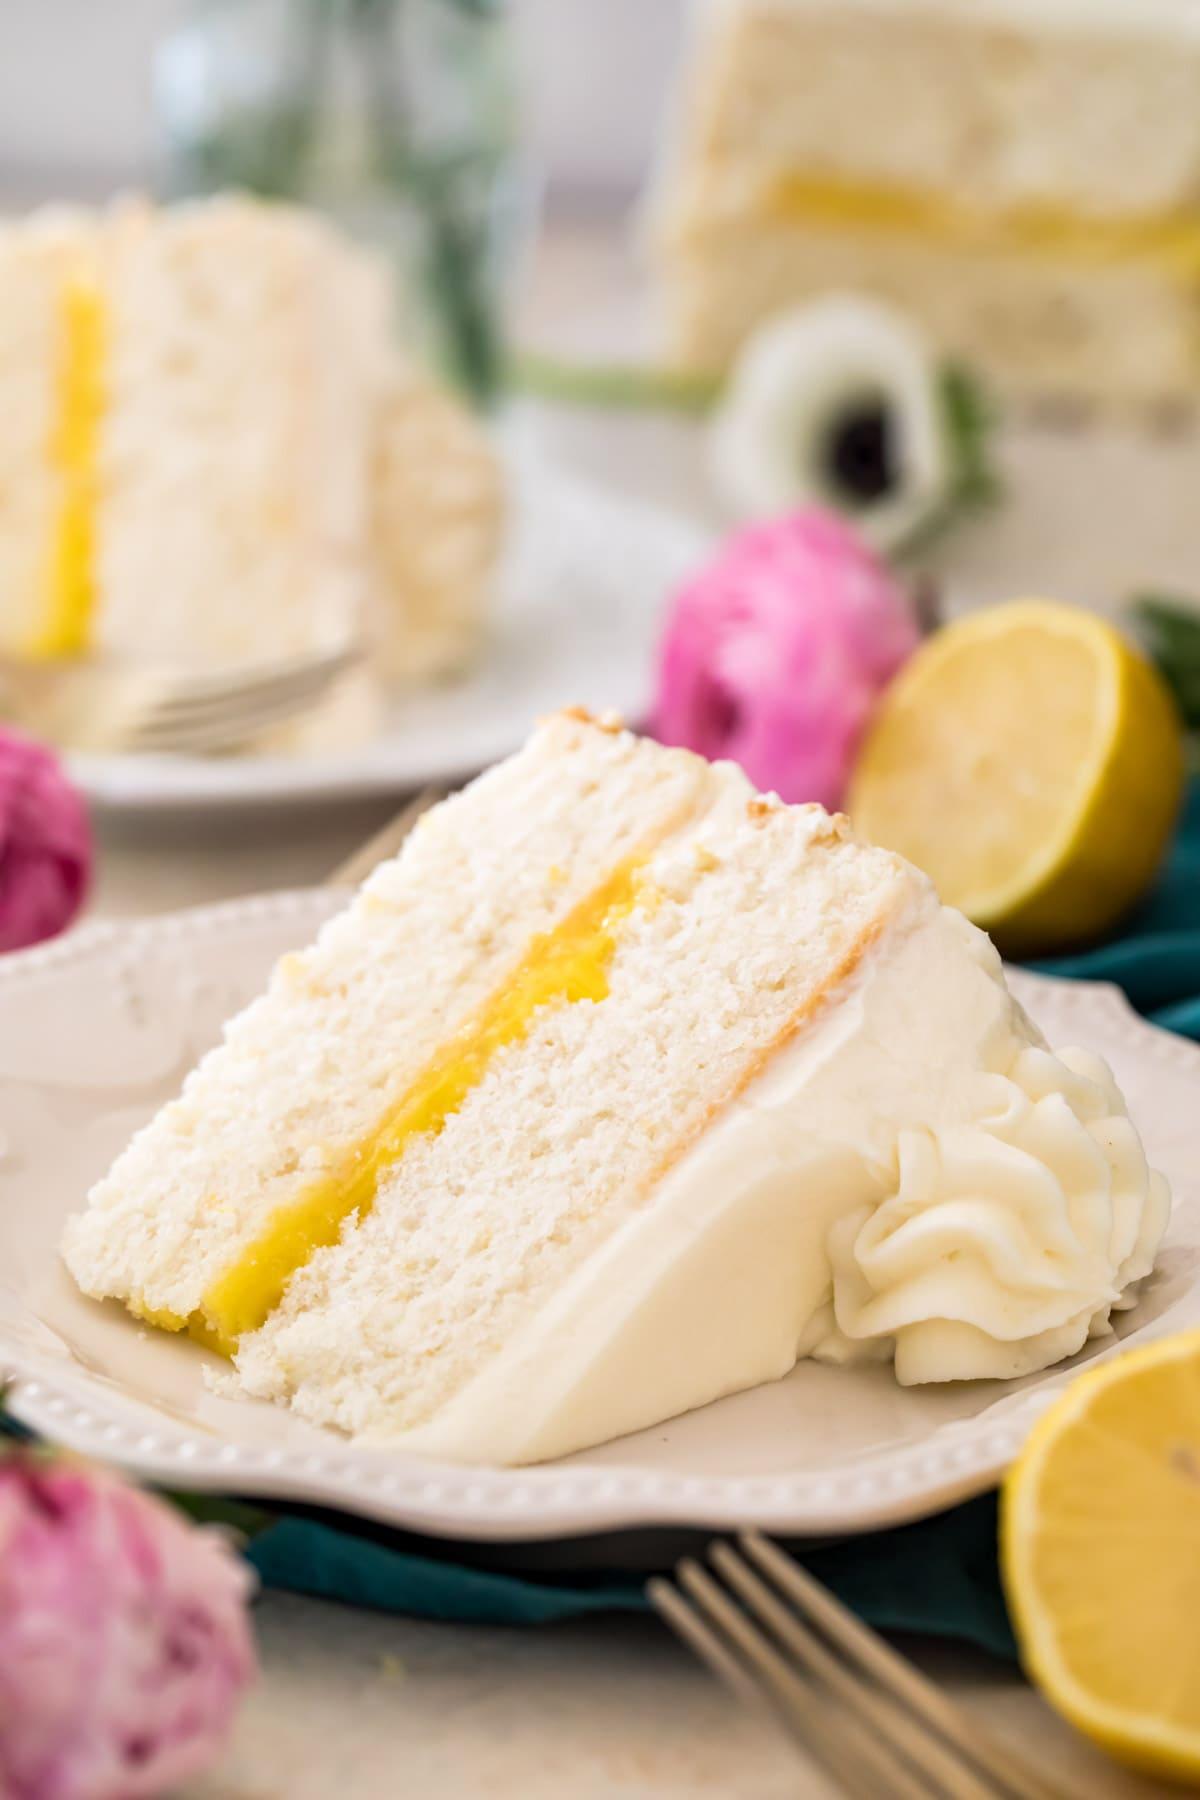 lemon cake on white plate